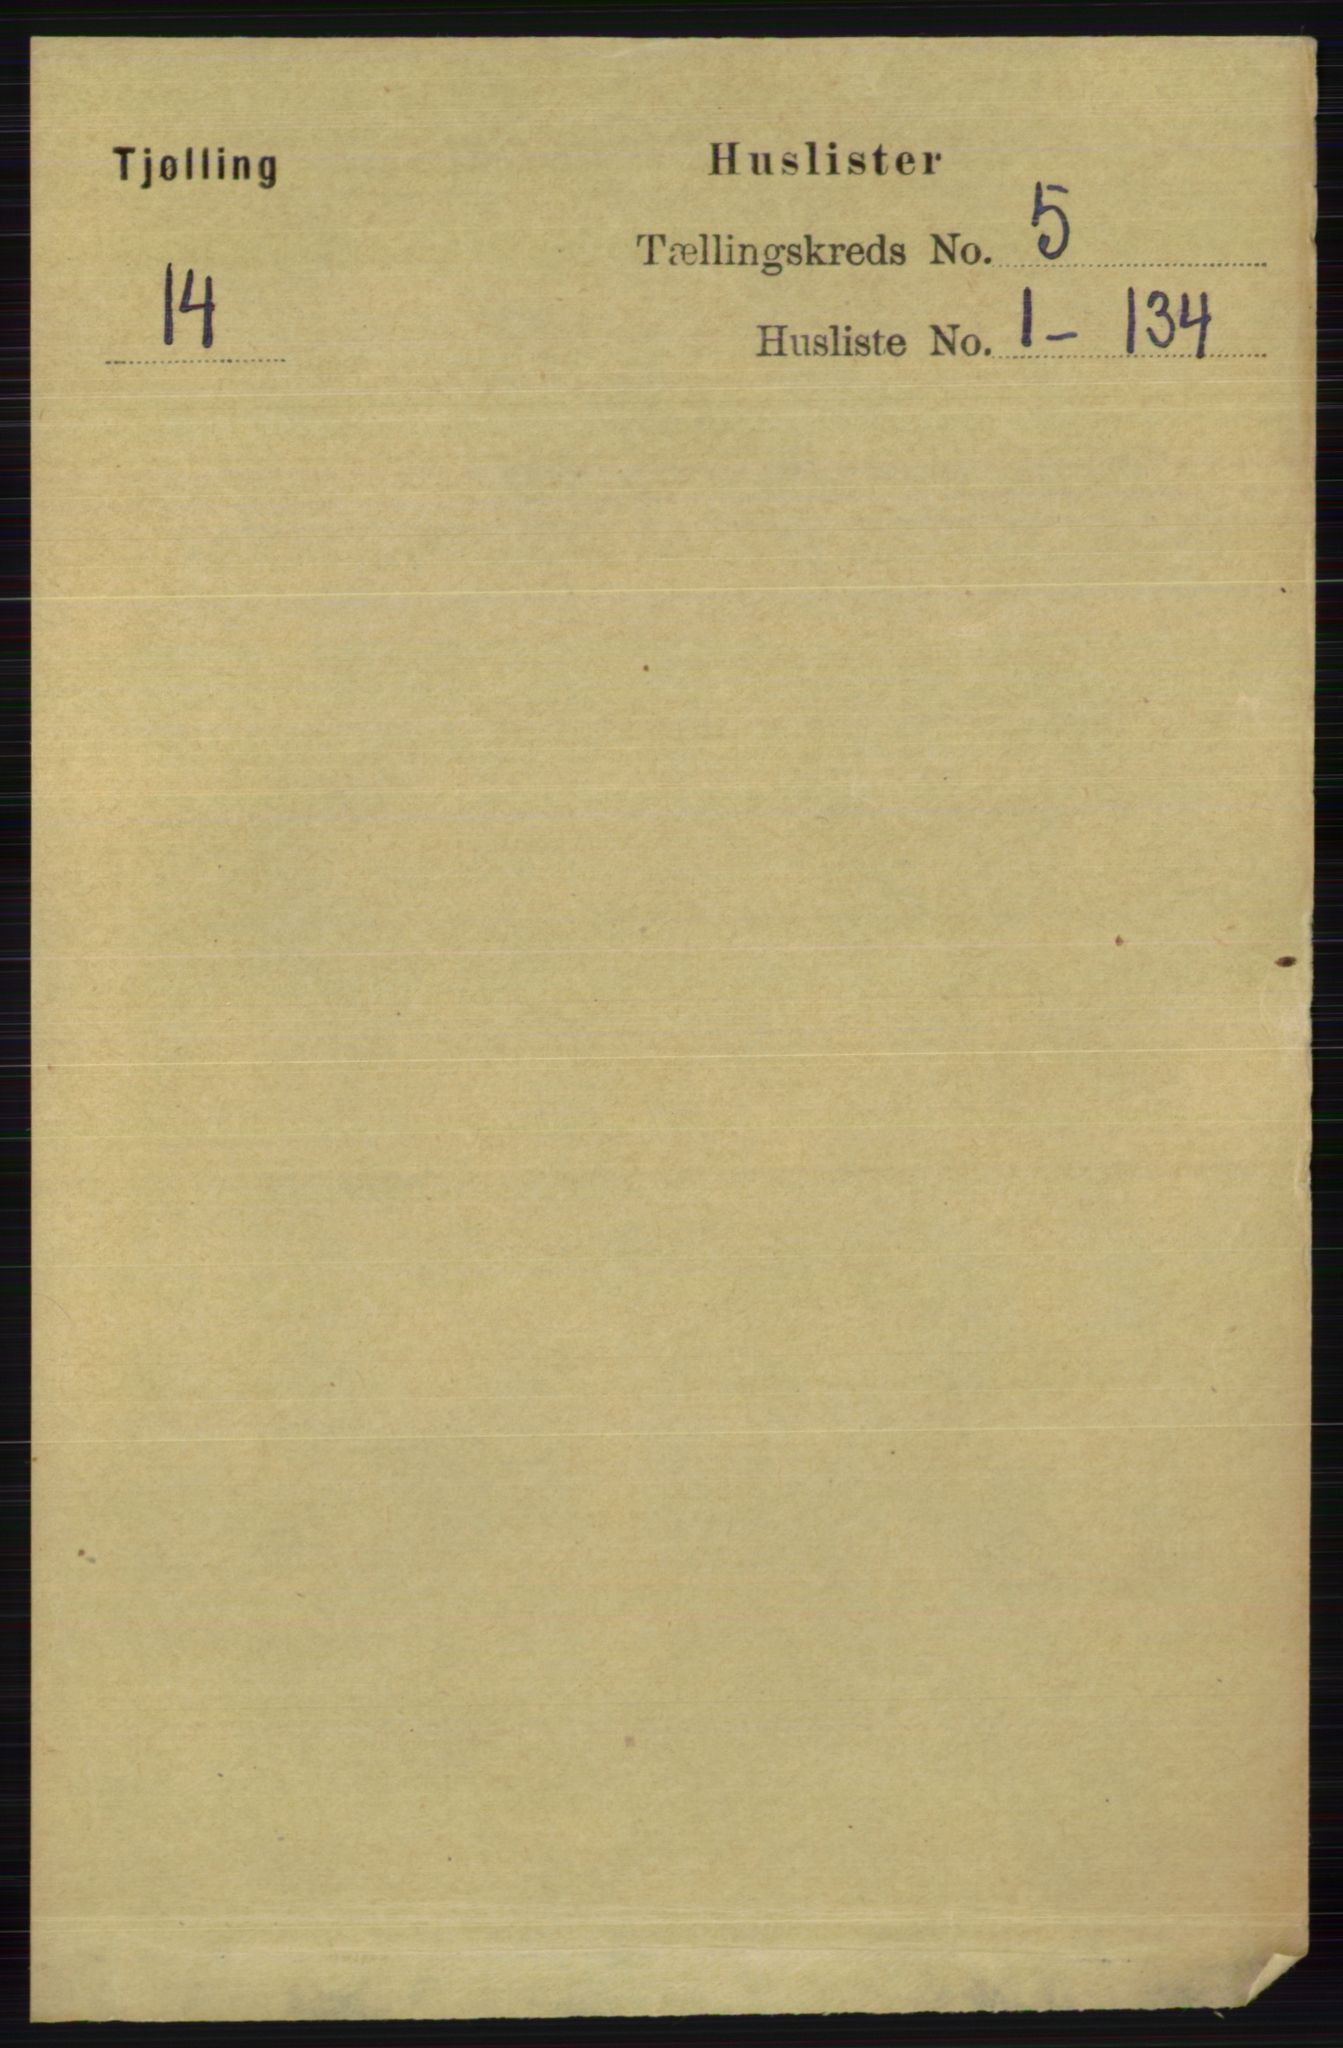 RA, Folketelling 1891 for 0725 Tjølling herred, 1891, s. 1835